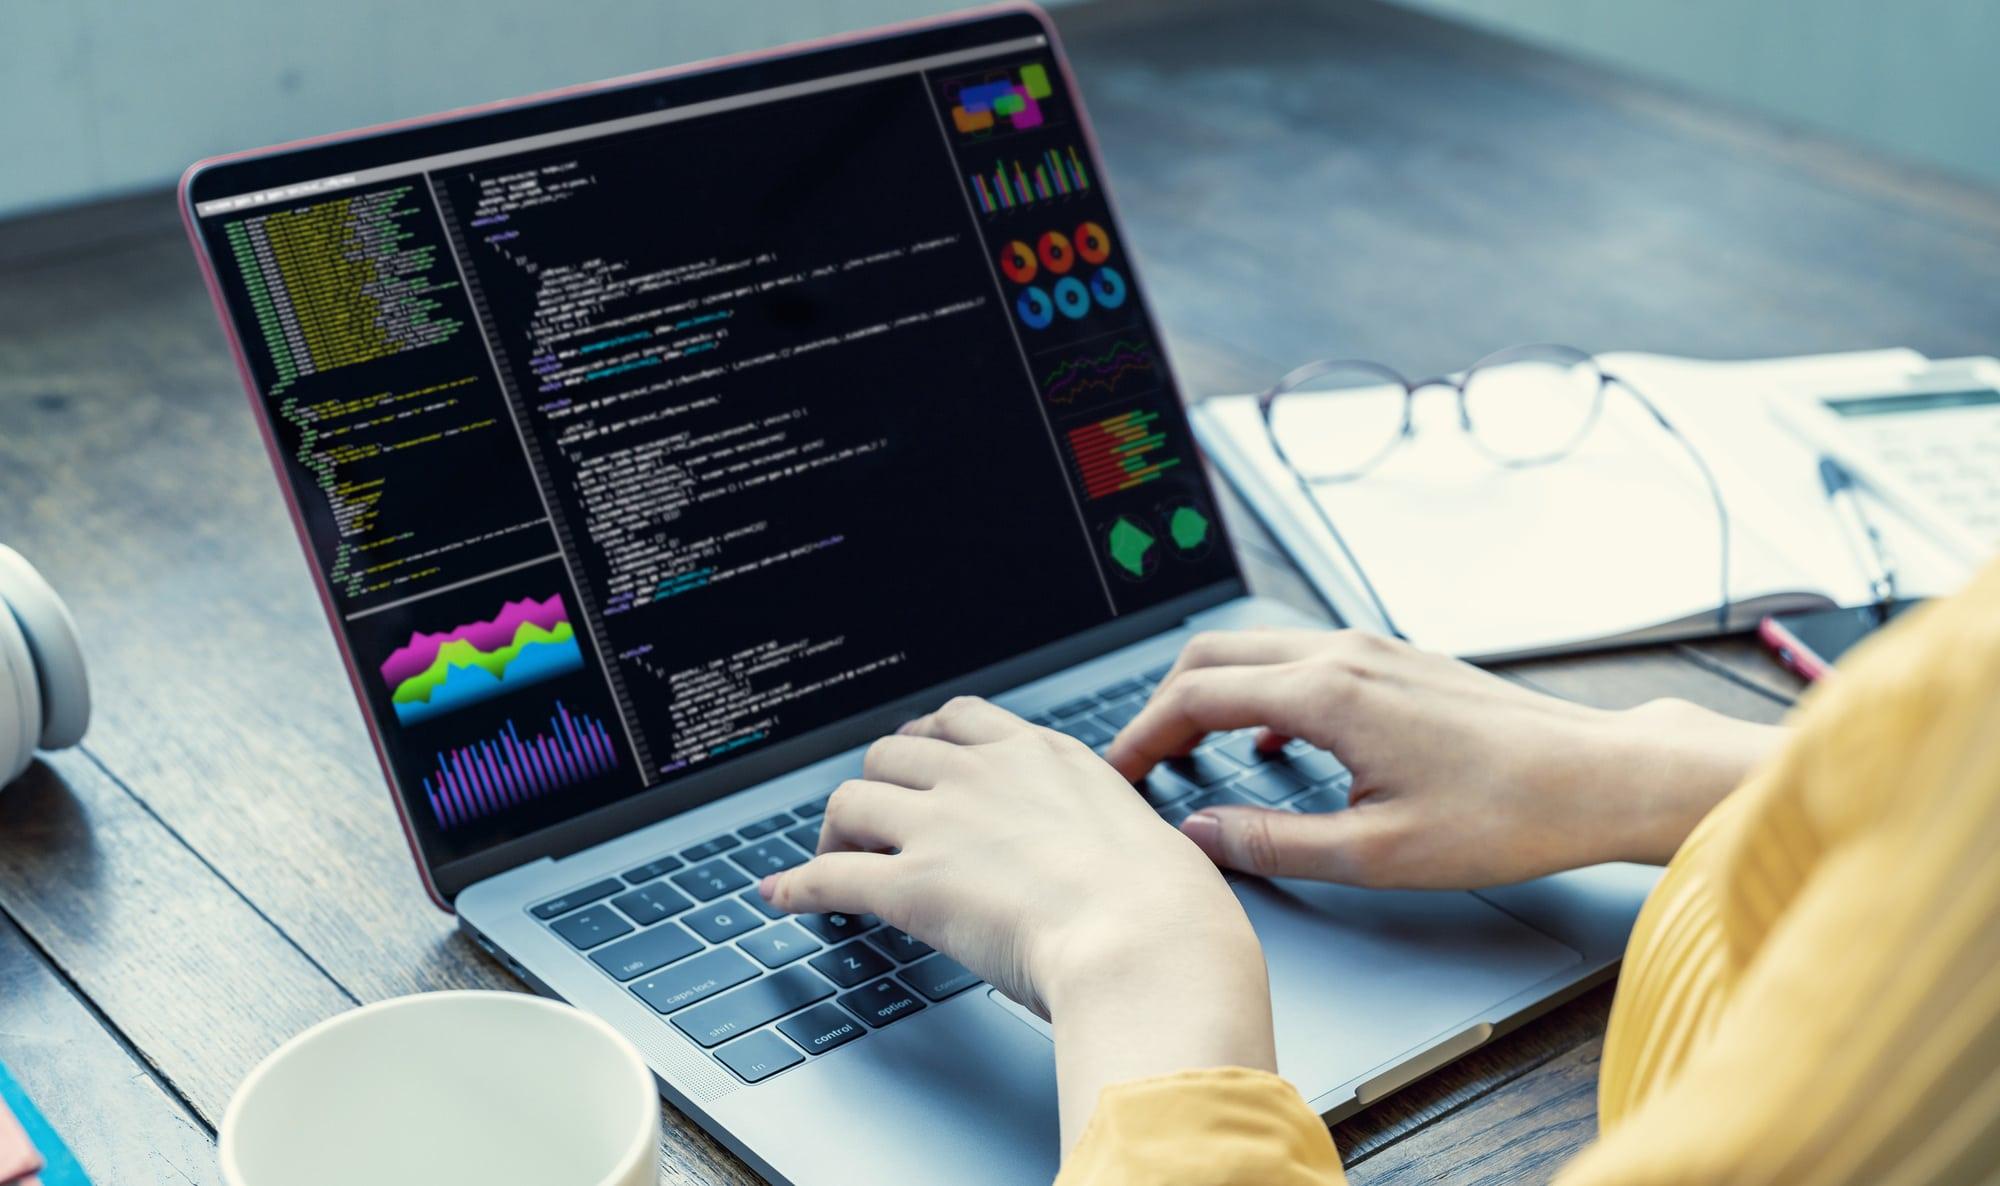 プログラミングを学べるオンラインWebサービス・Webサイト10選